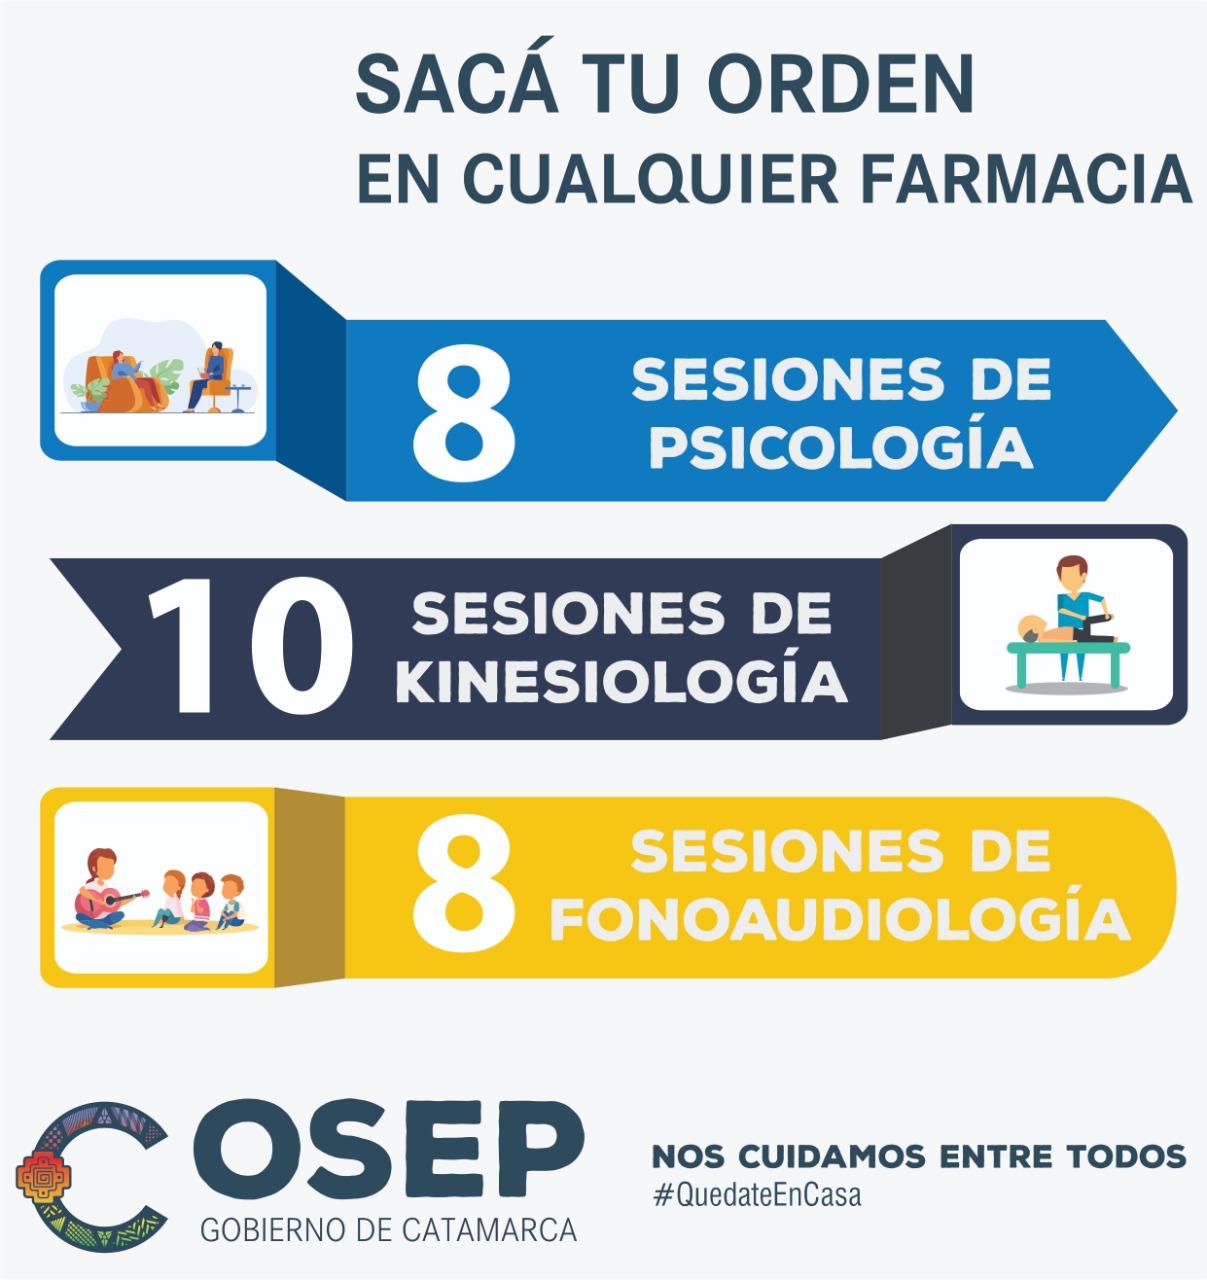 OSEP reabre nuevas delegaciones y amplía órdenes en farmacias privadas